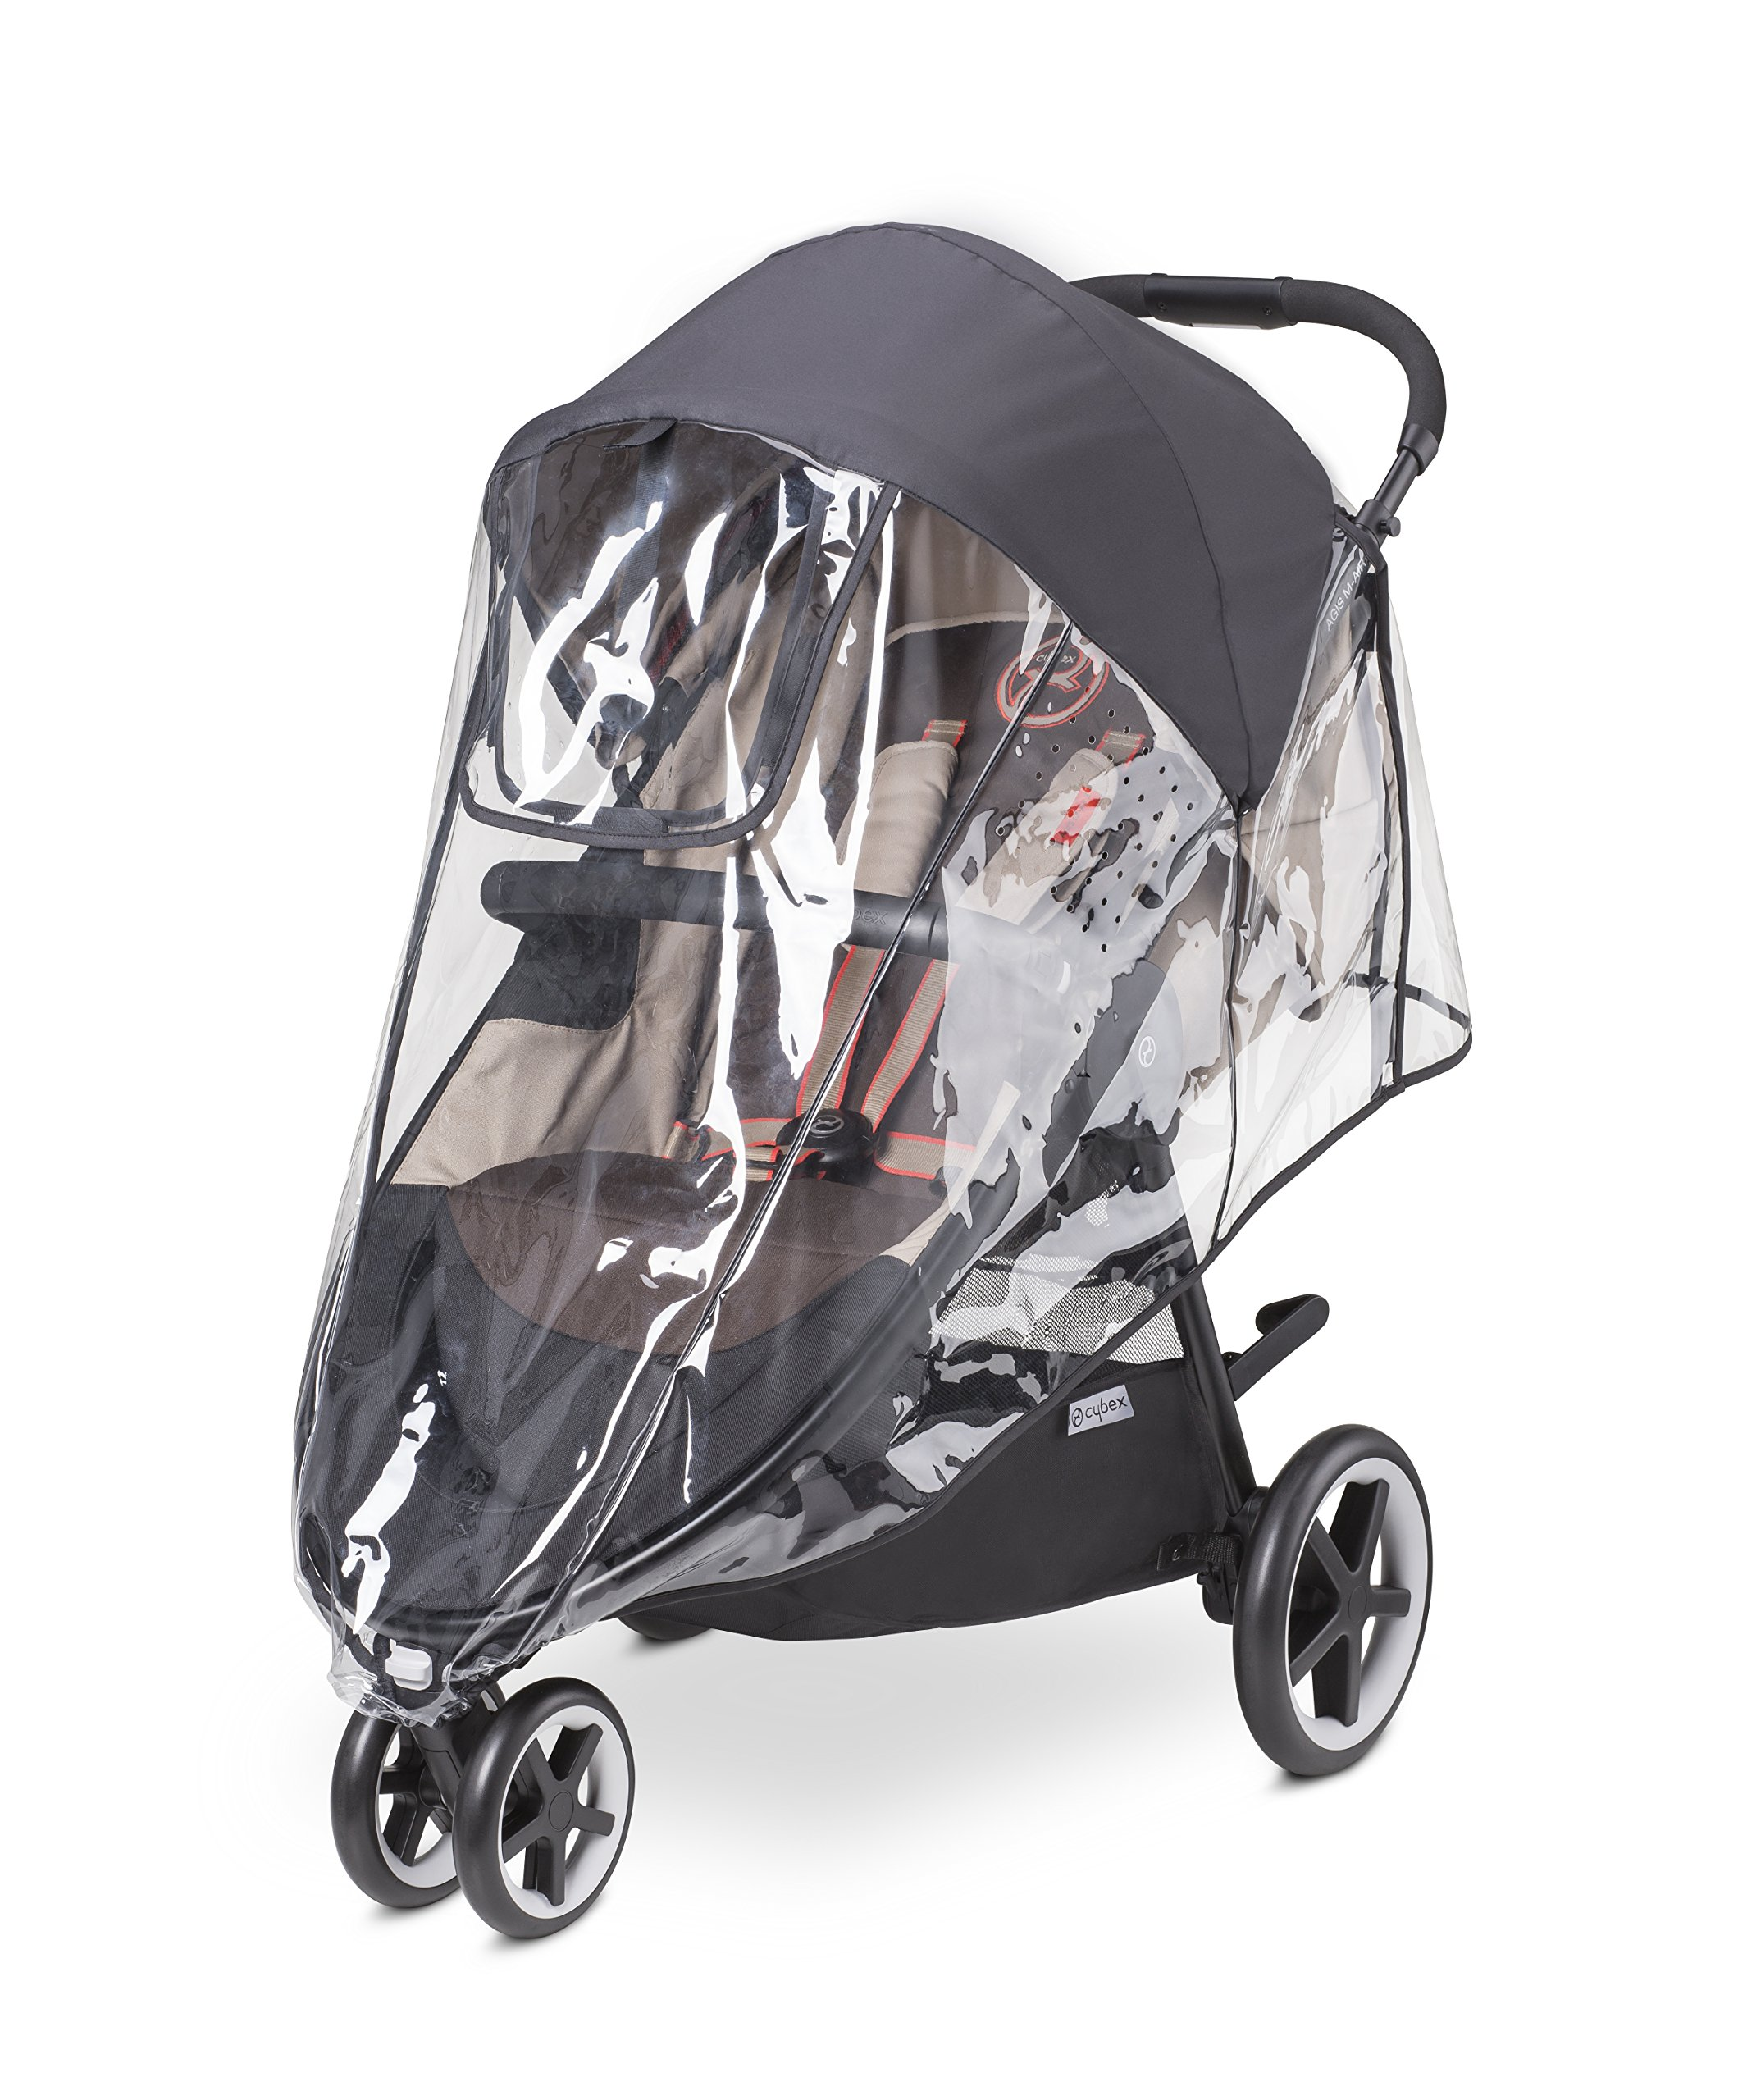 CYBEX Agis M-Air and Eternis M Stroller Rain Cover, Black